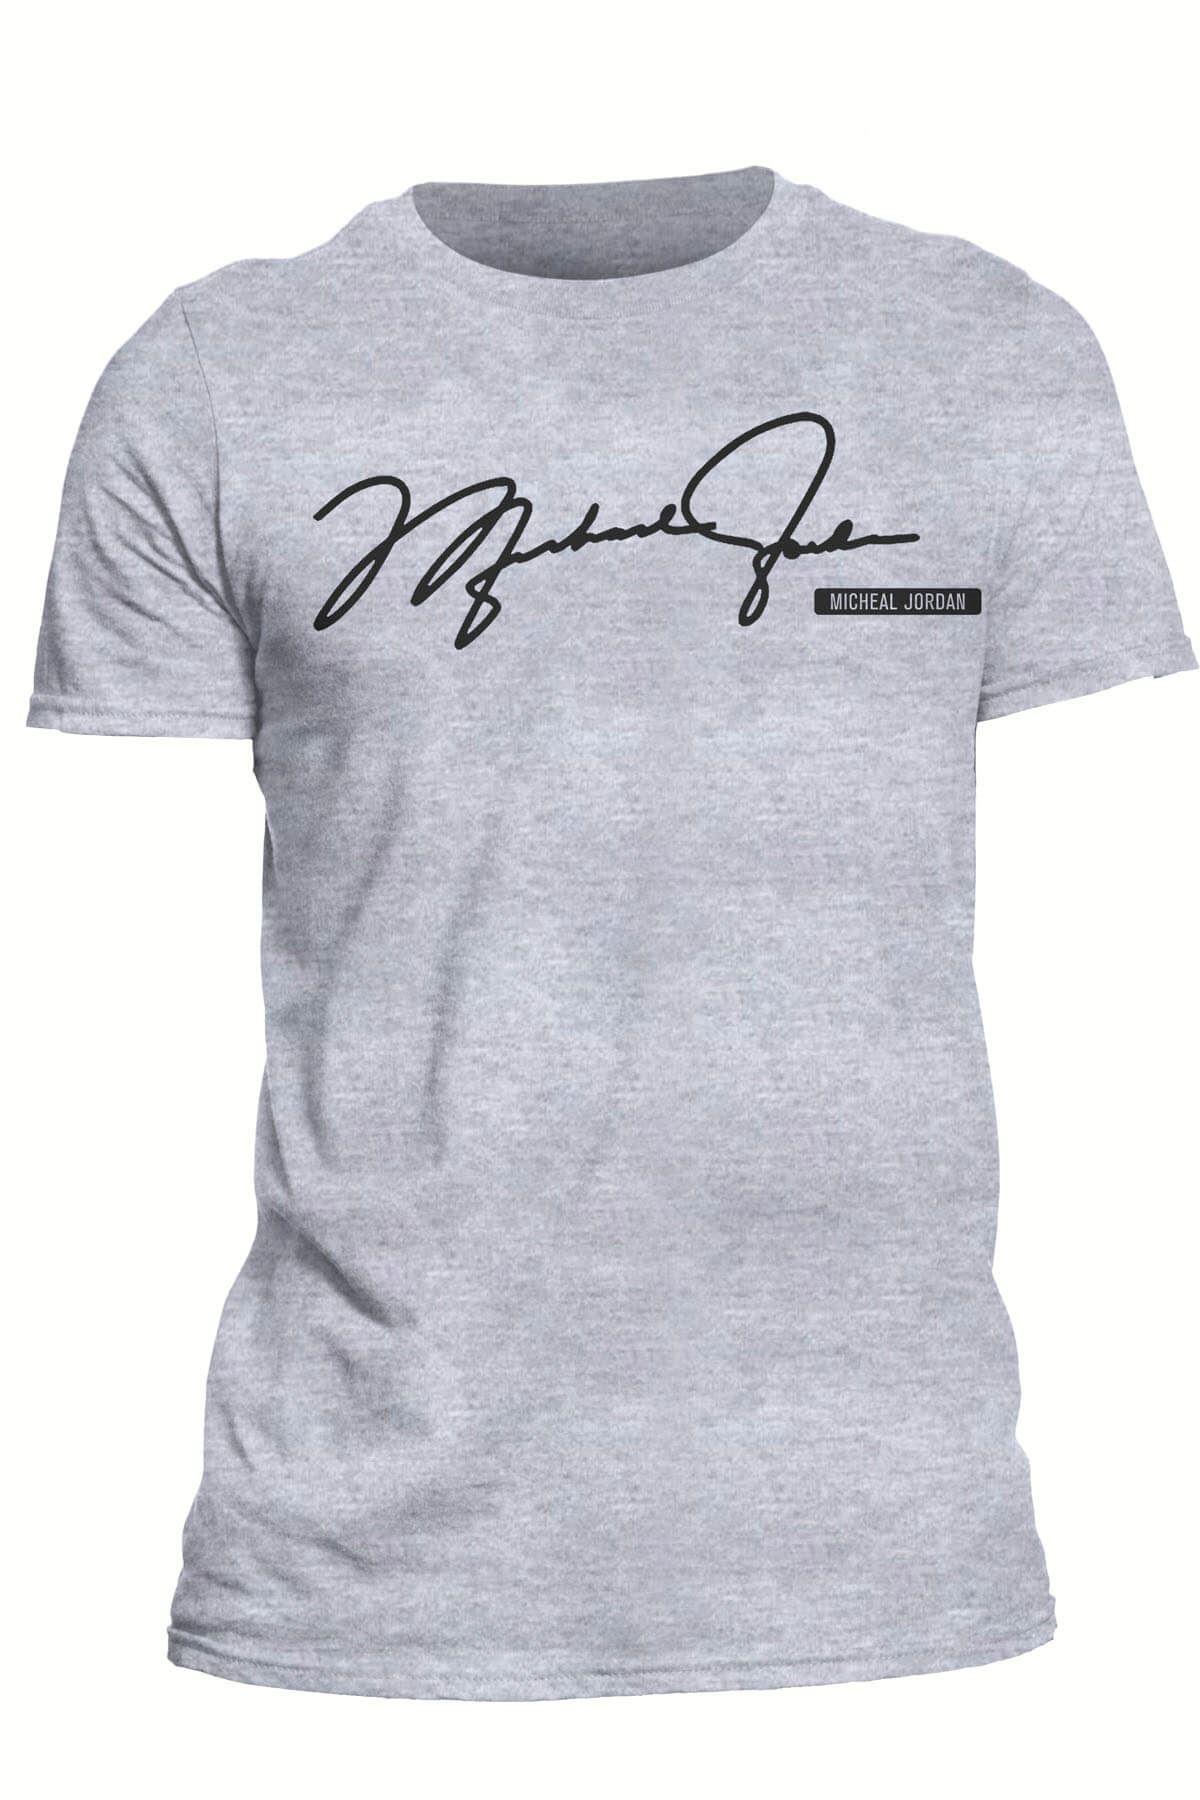 Air Jordan 01 Gri NBA Kadın Tshirt - Tişört